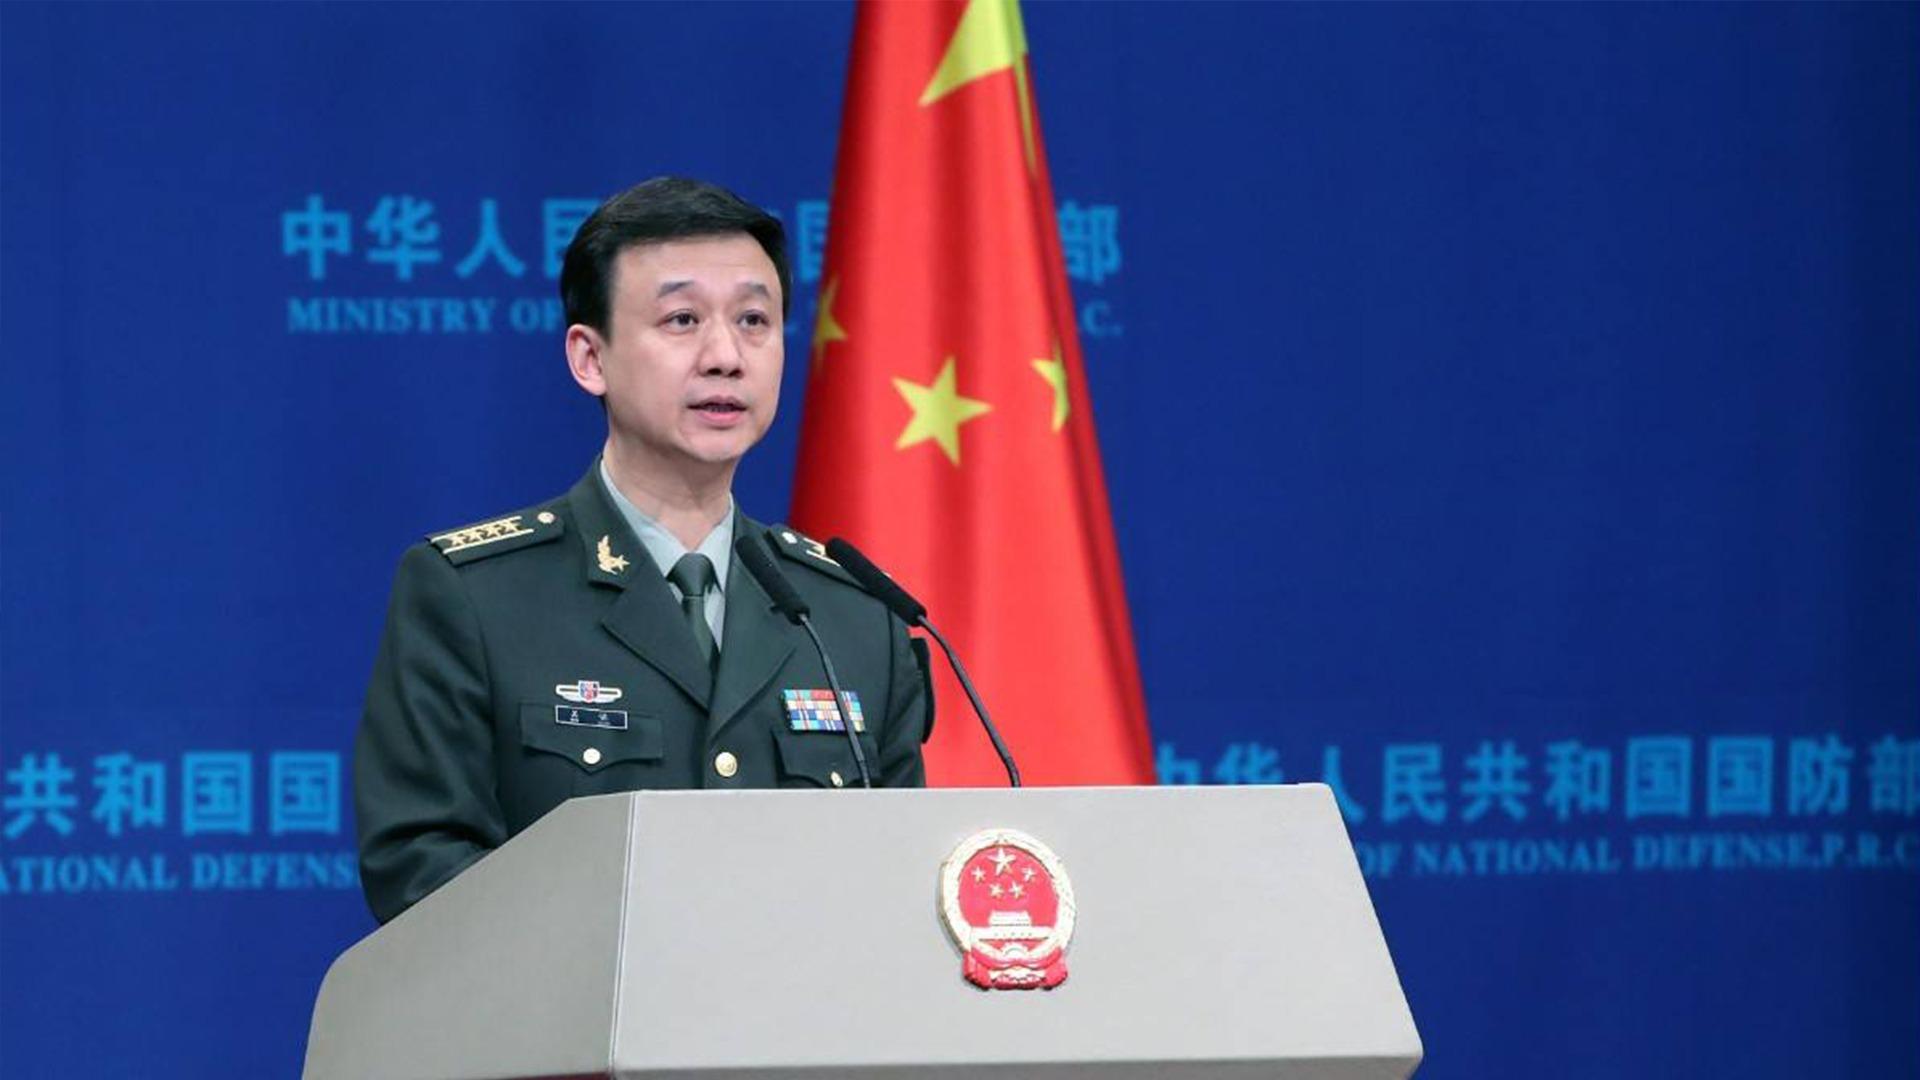 国防部:日方应停止就钓鱼岛问题挑衅中国 更不要倒打一耙